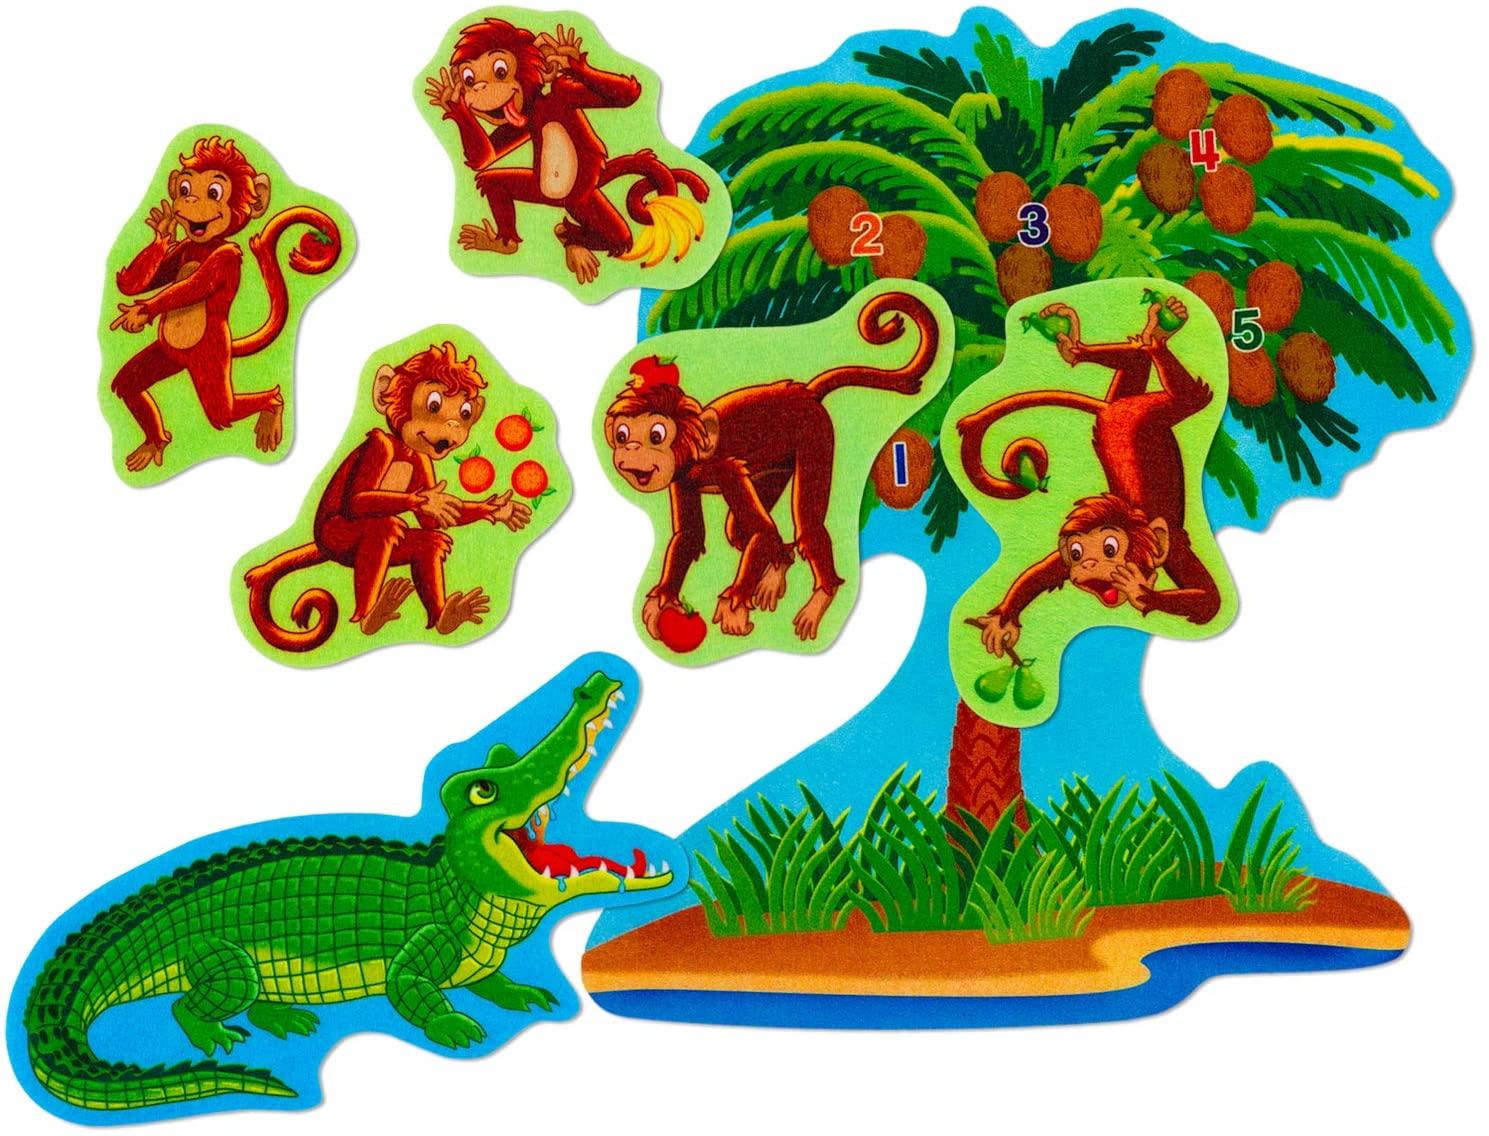 Little Folk Visuals Five Monkeys Sitting in a Tree Precut Flannel/Felt Board Figures, 7 Pieces Set